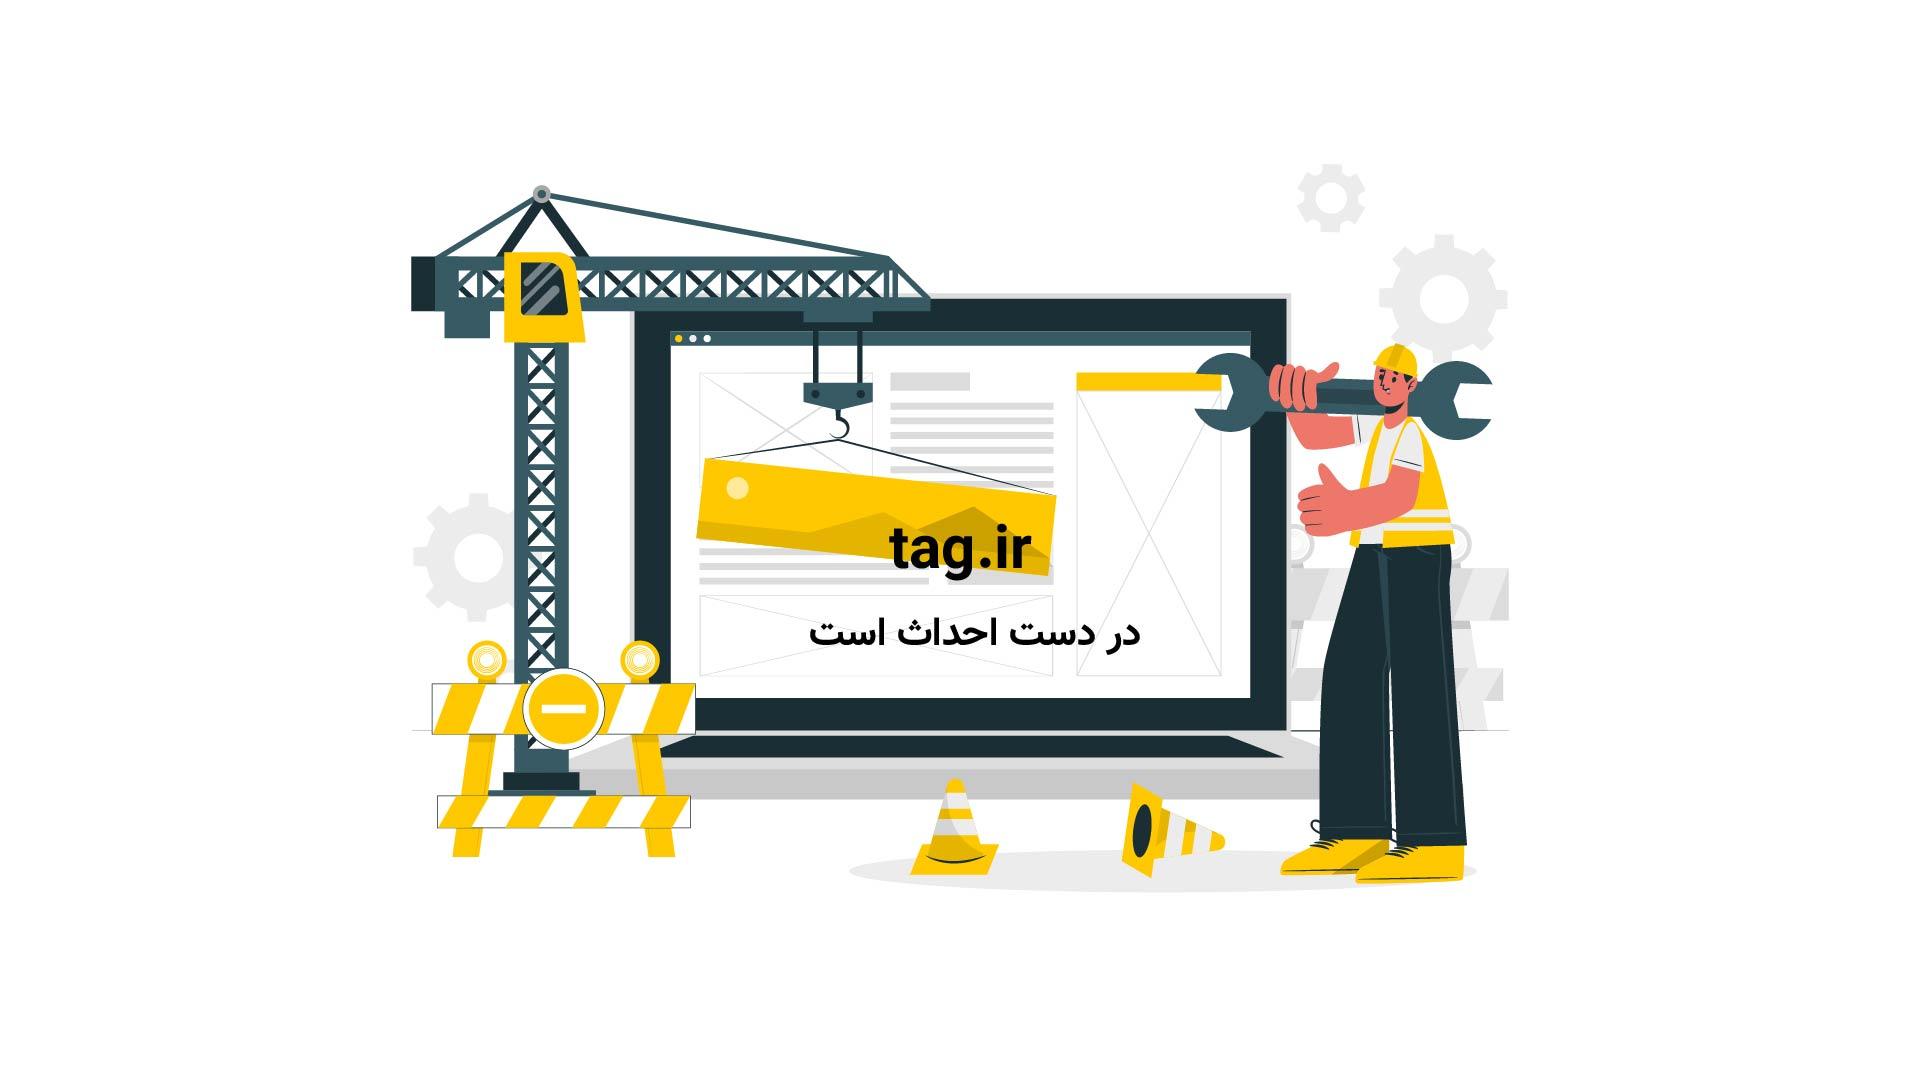 بانک-مرکزی | تگ